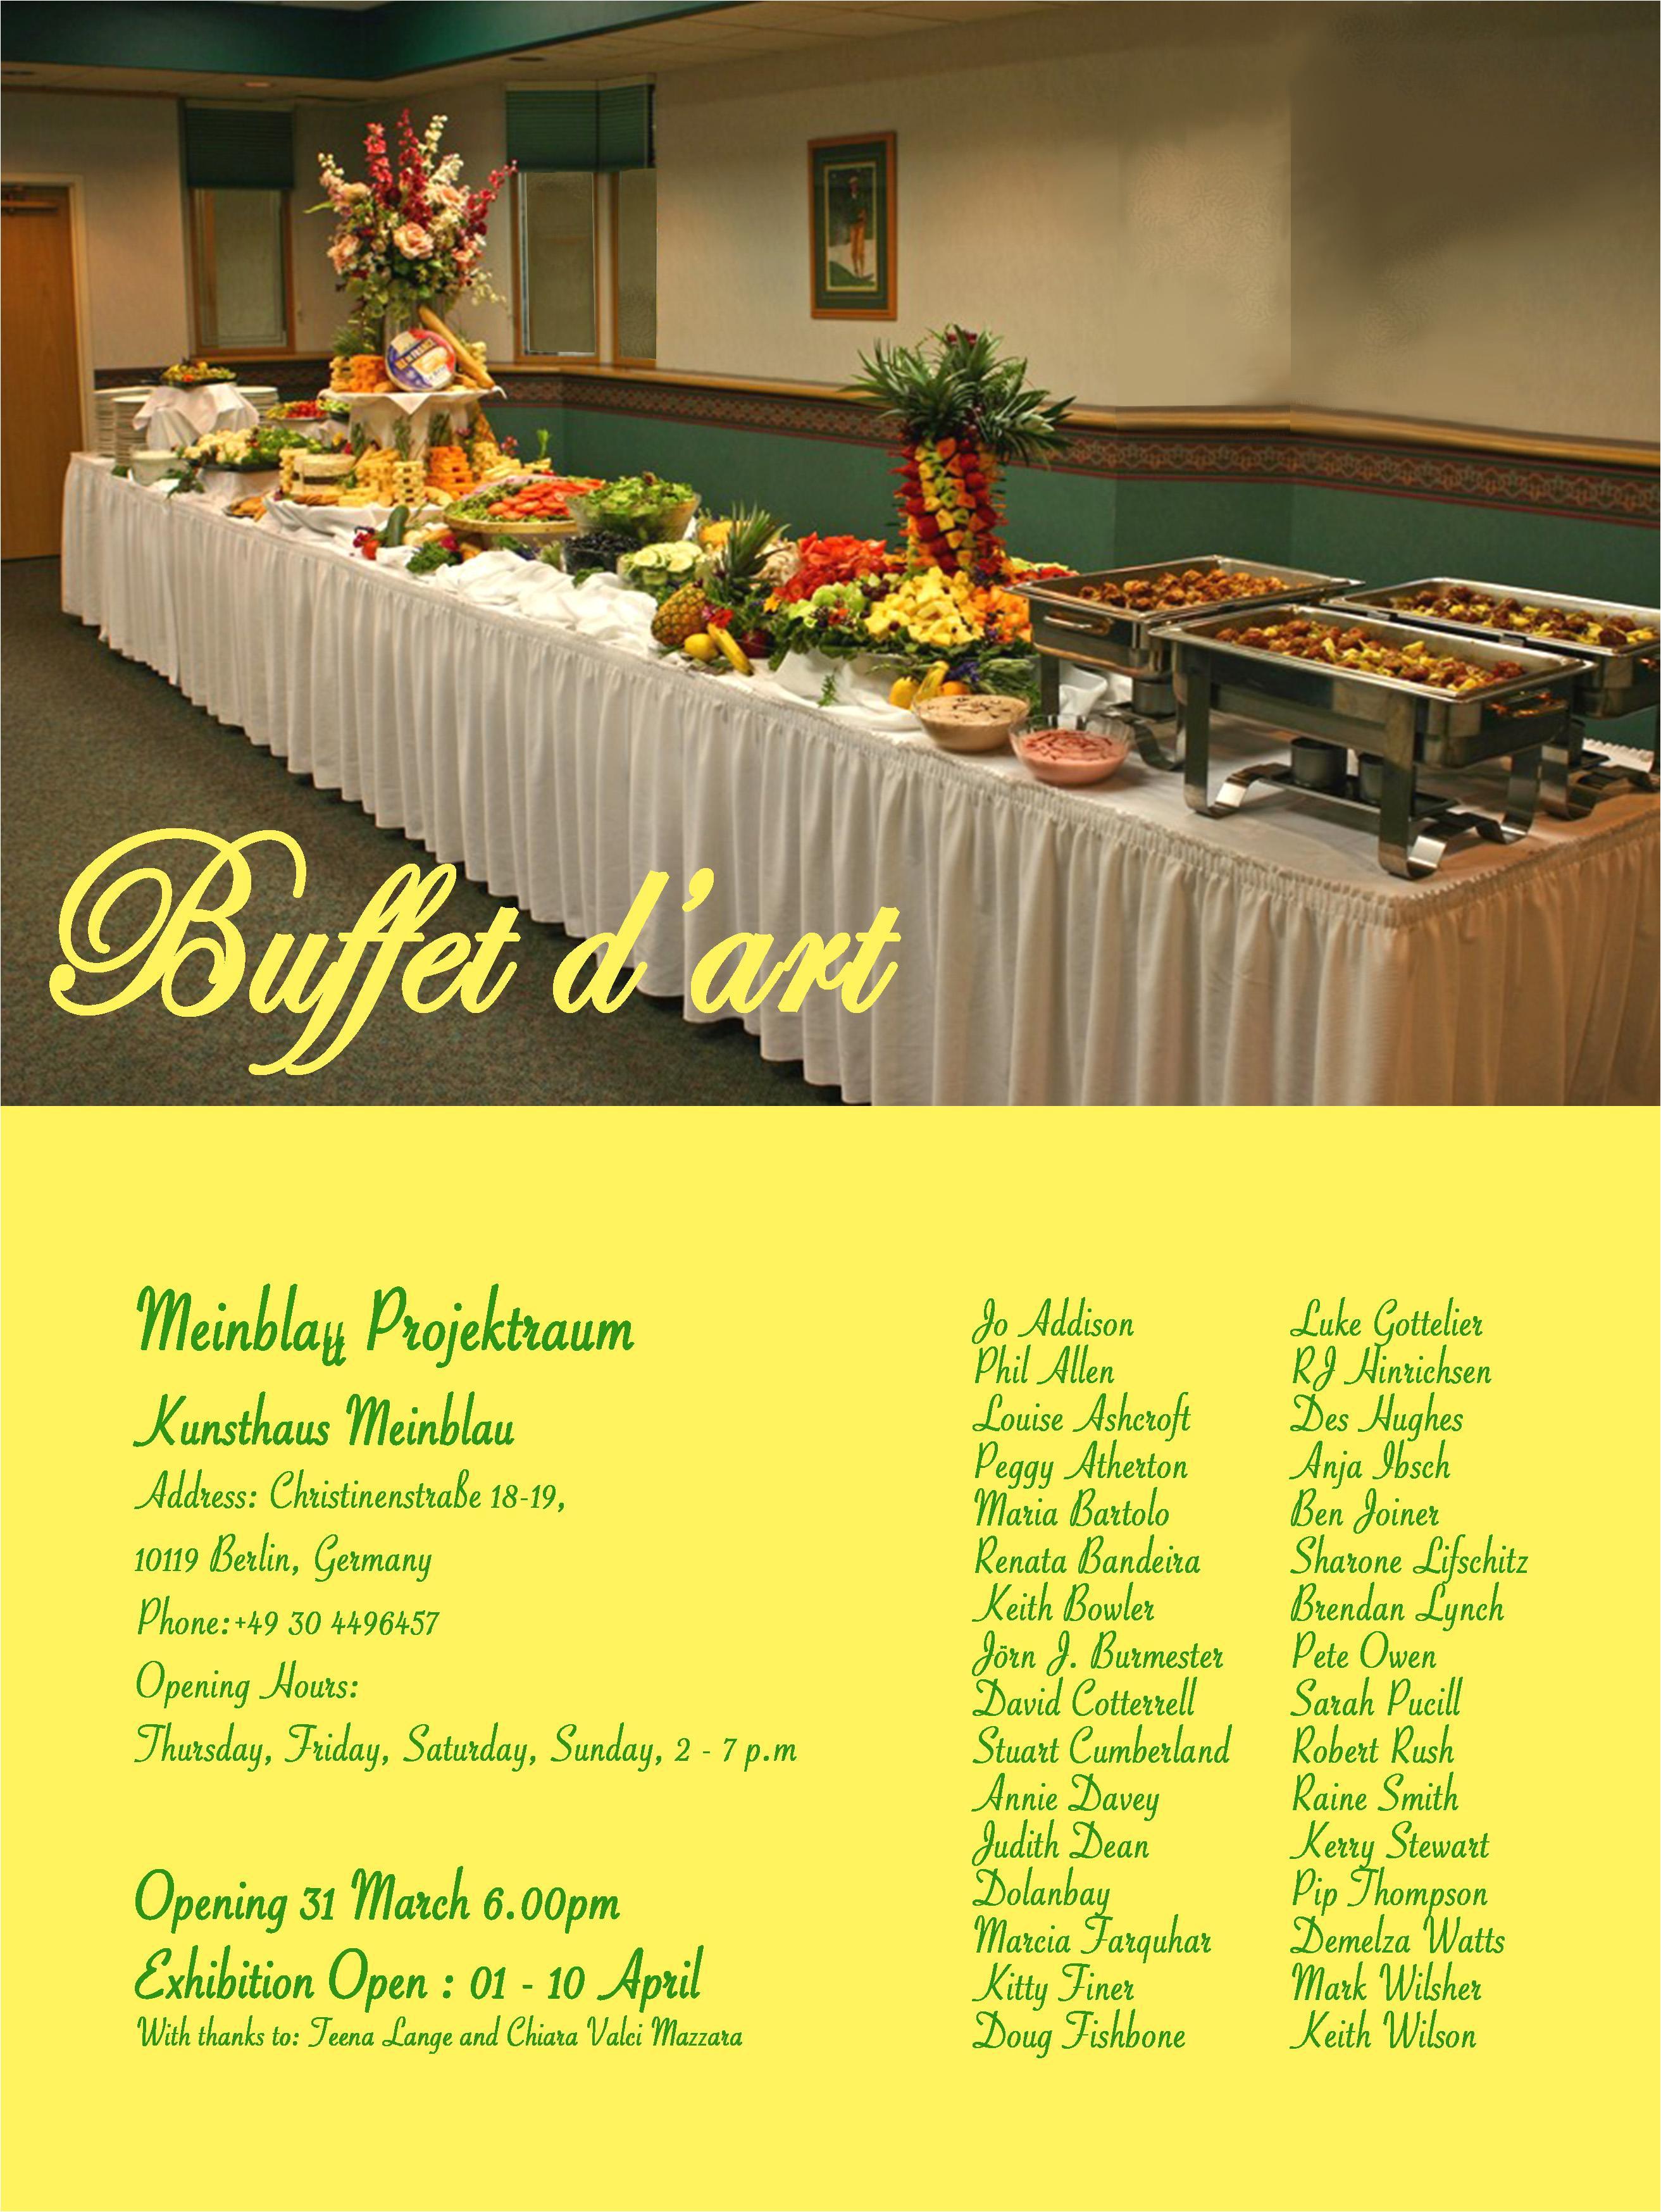 buffet d art